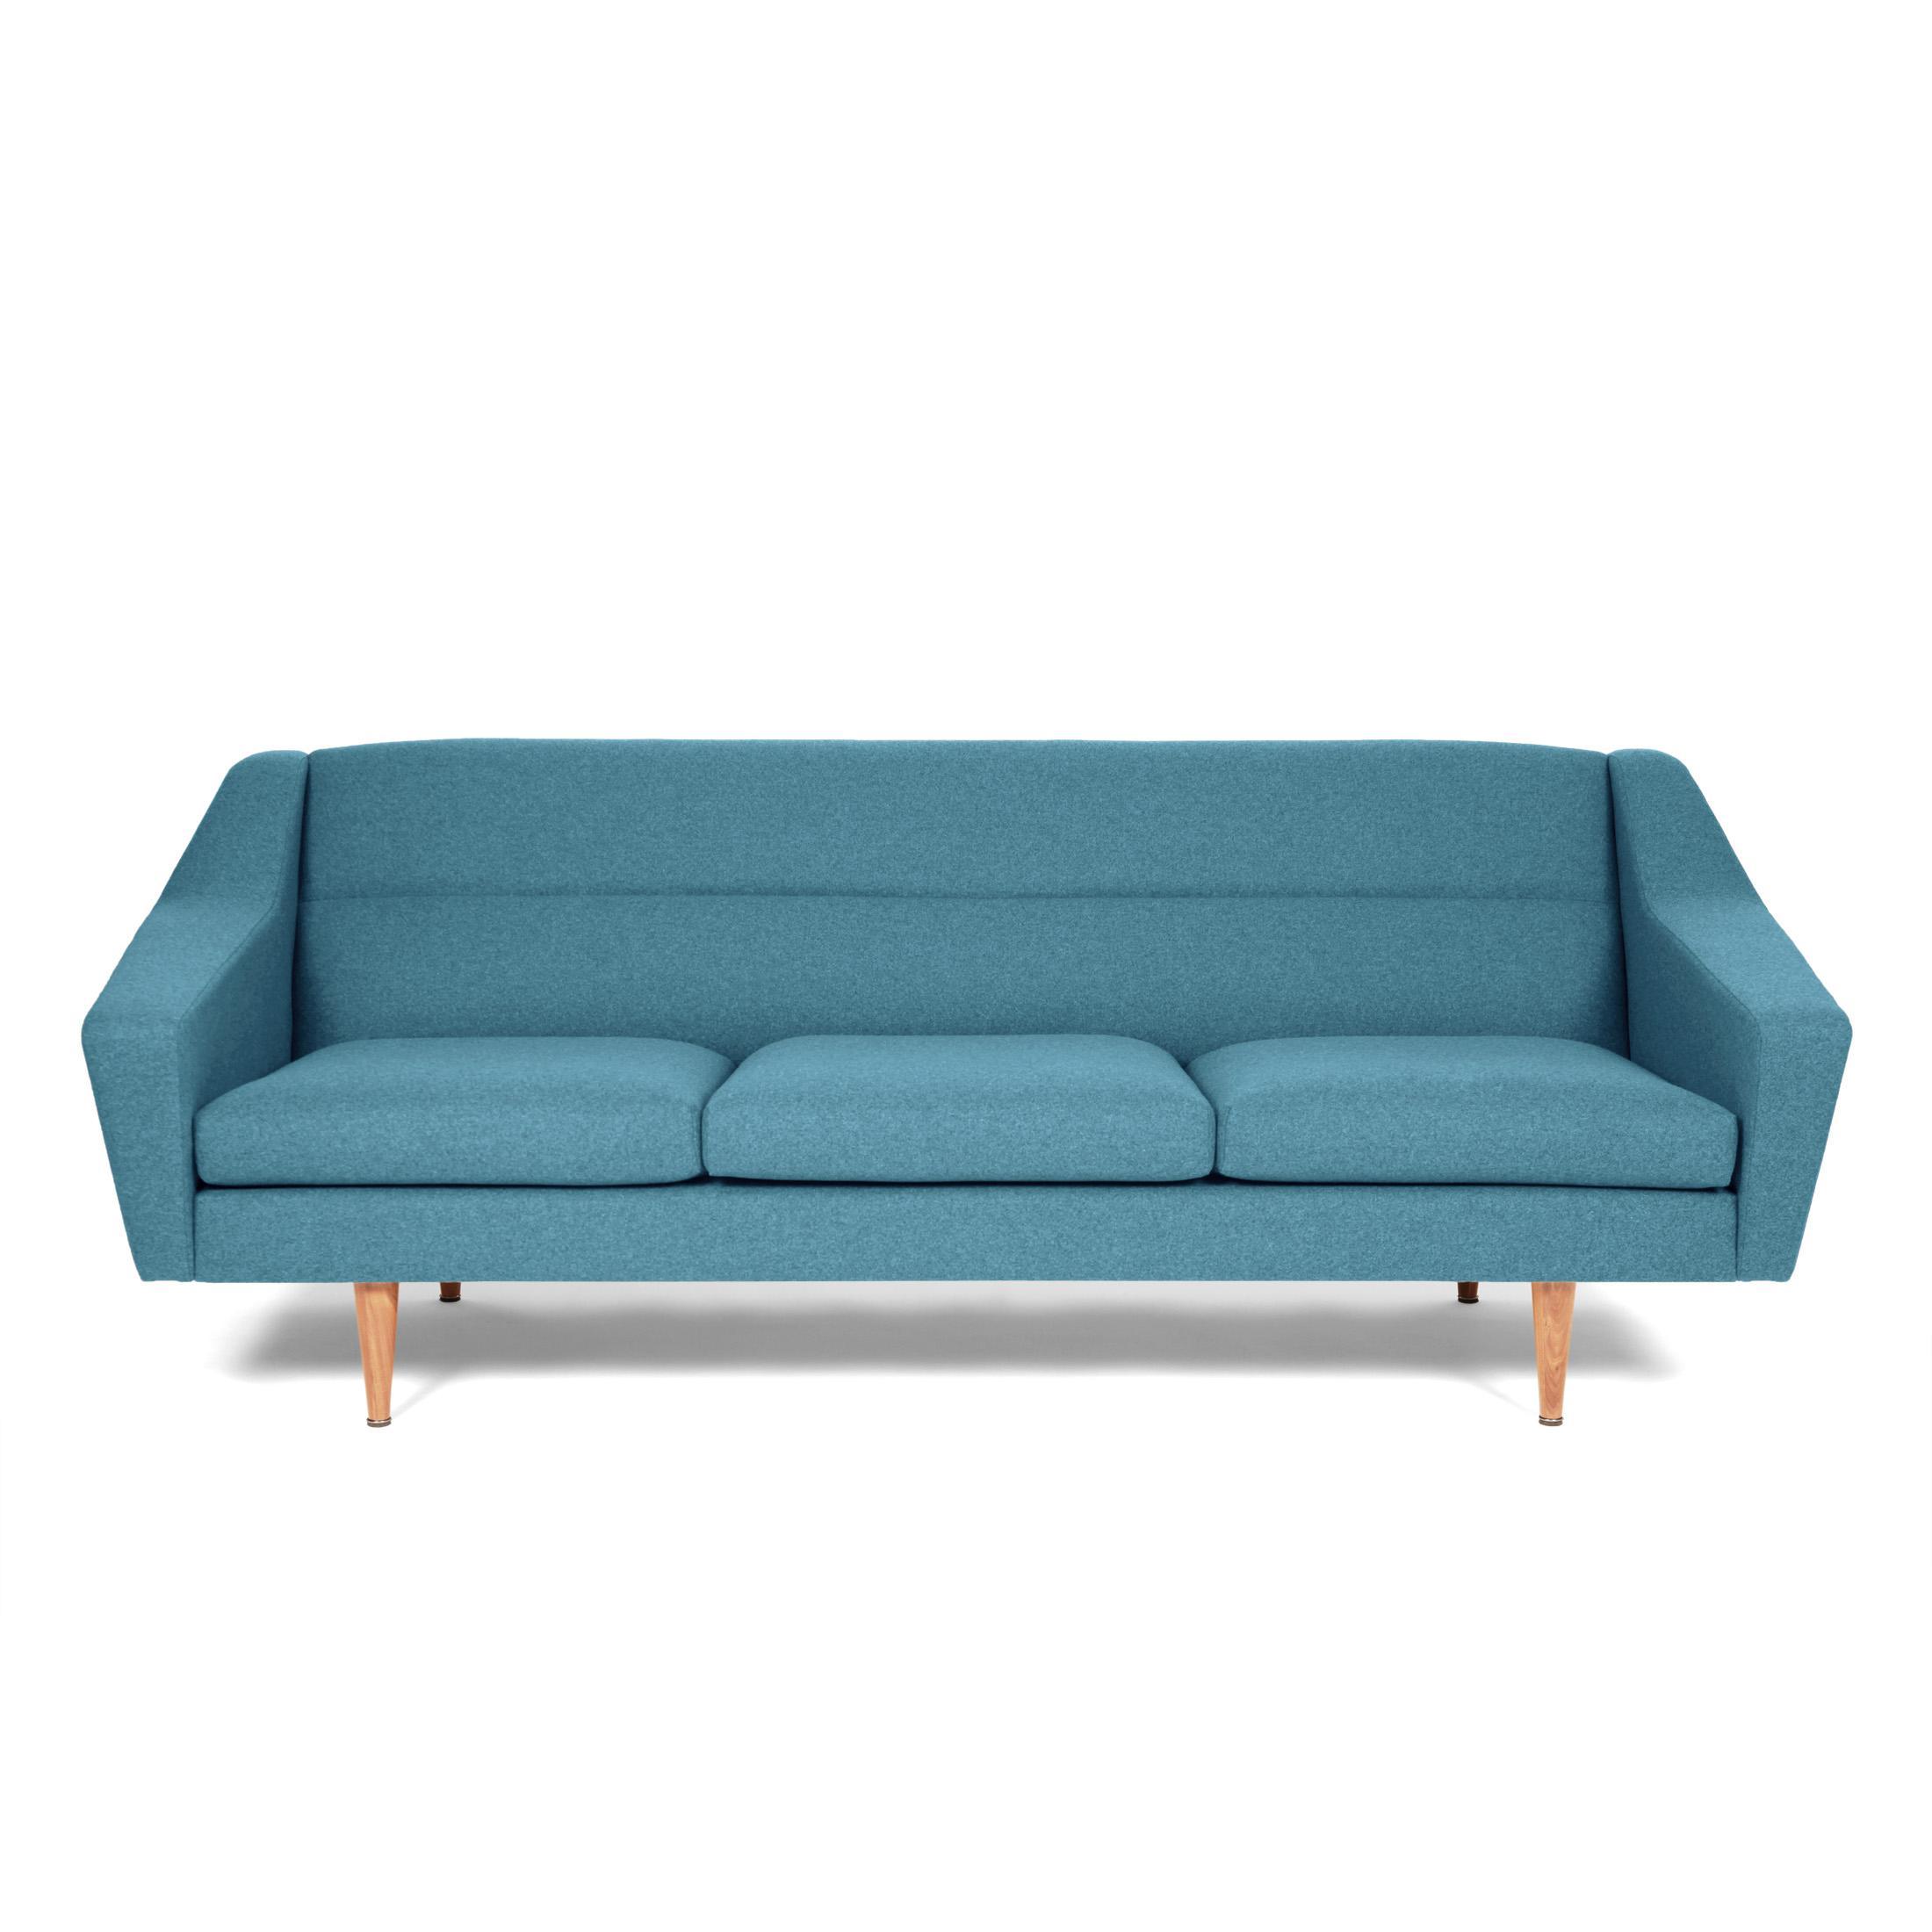 Innenarchitektur 3 Sitzer Couch Beste Wahl Designer-sofa Retro Petrol